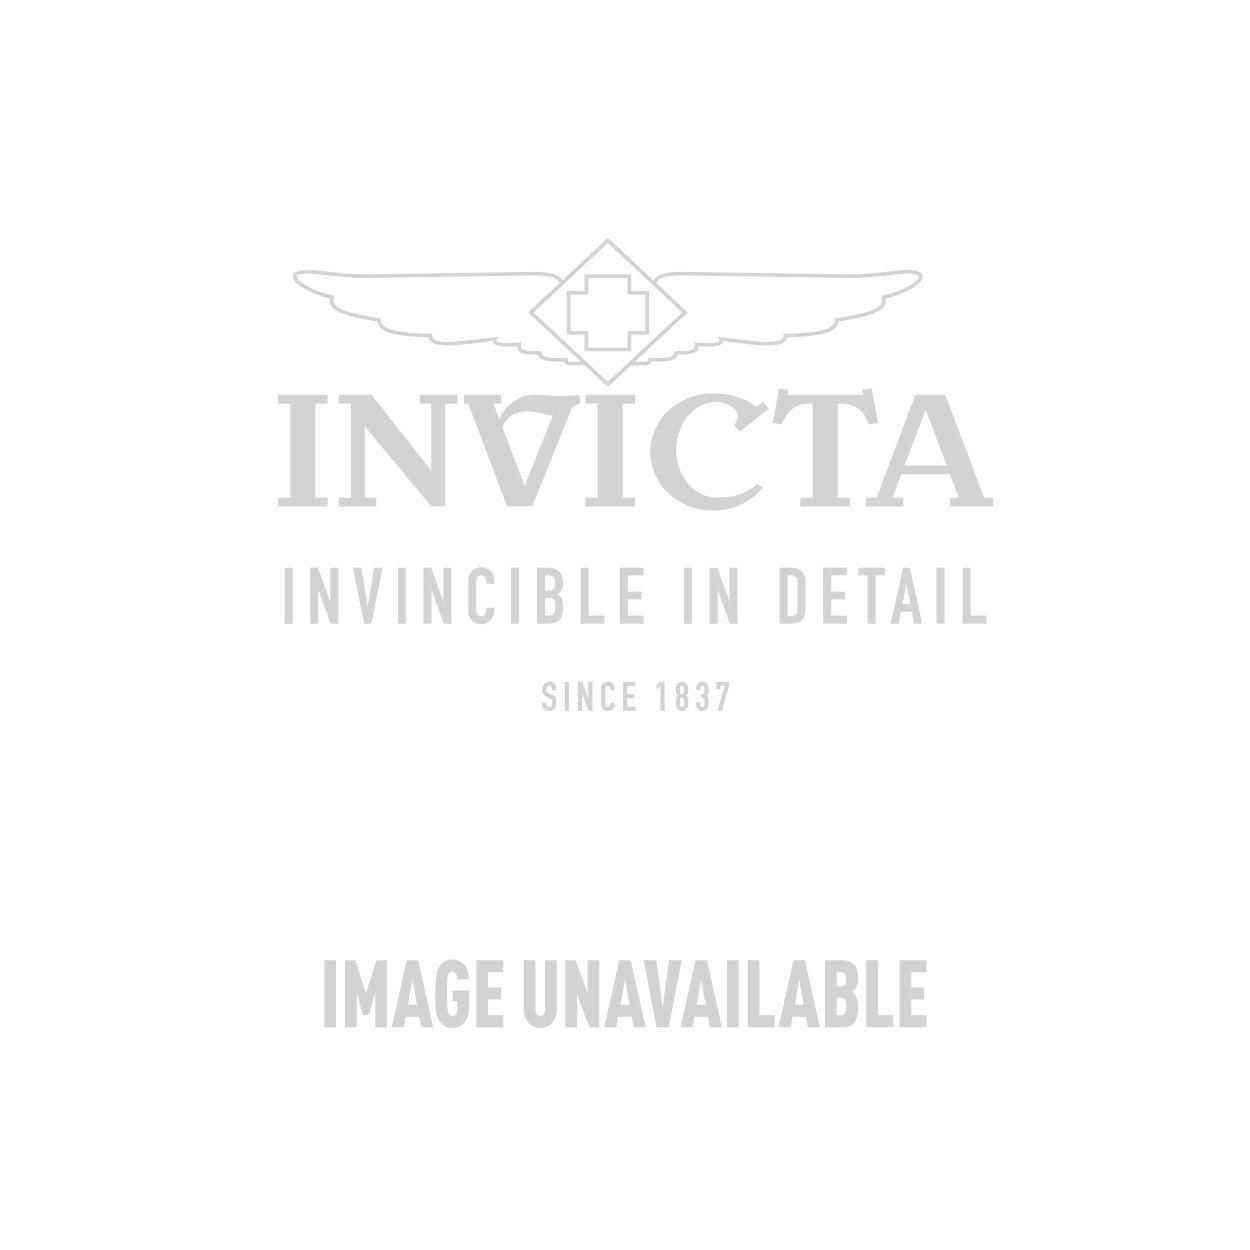 Invicta Model  24940